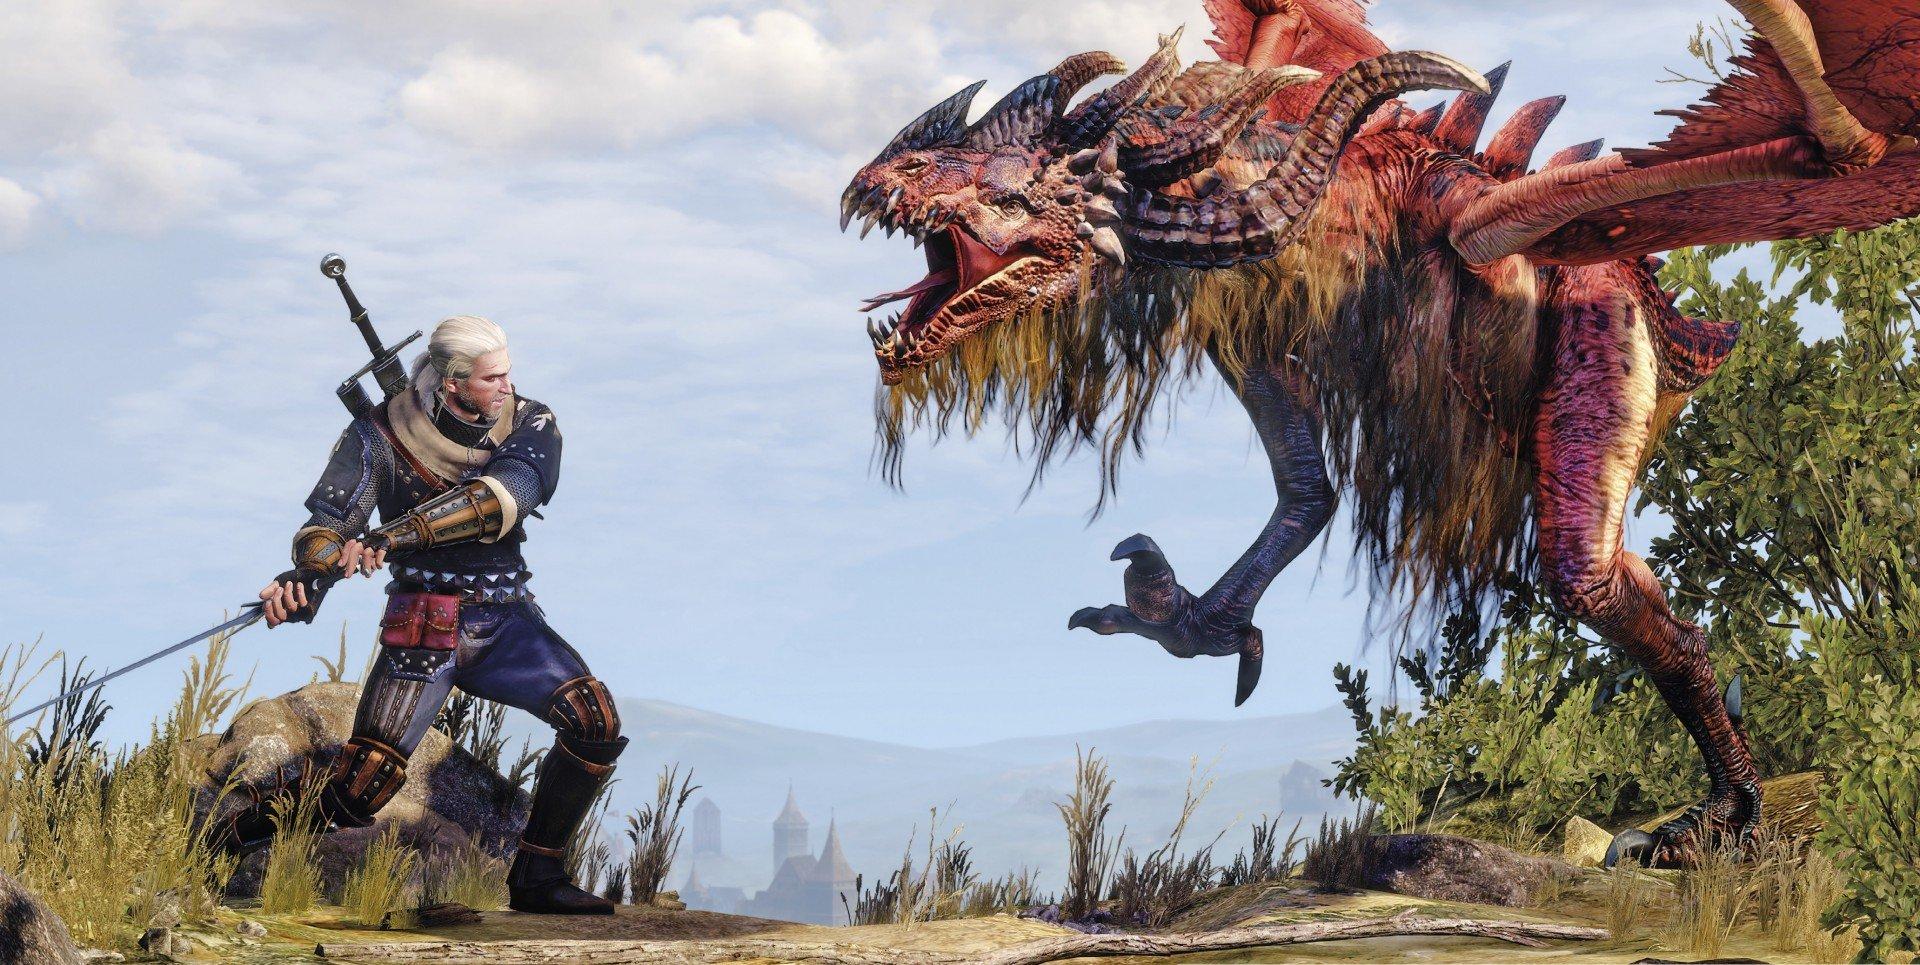 The Witcher 3: Wild Hunt. Все самое интересное за прошедшее время и новые факты.   Факты.    •Если вы хотите заработ ... - Изображение 3